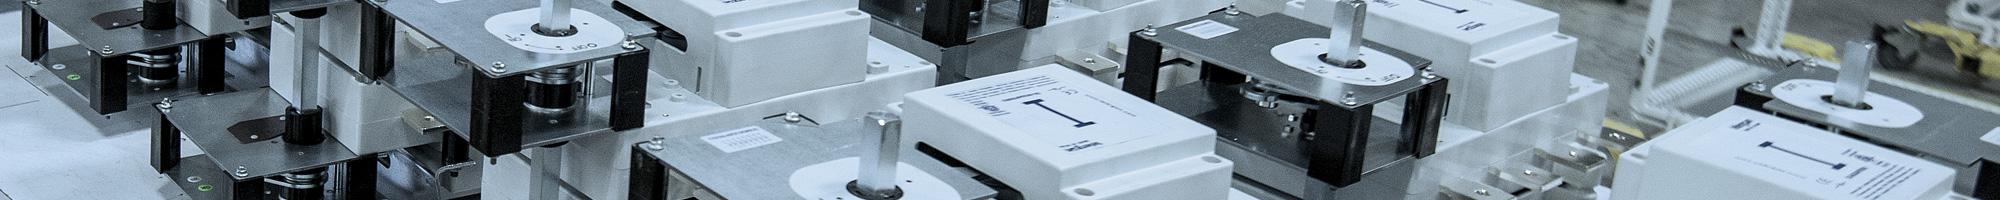 bentek manufacturing closeup